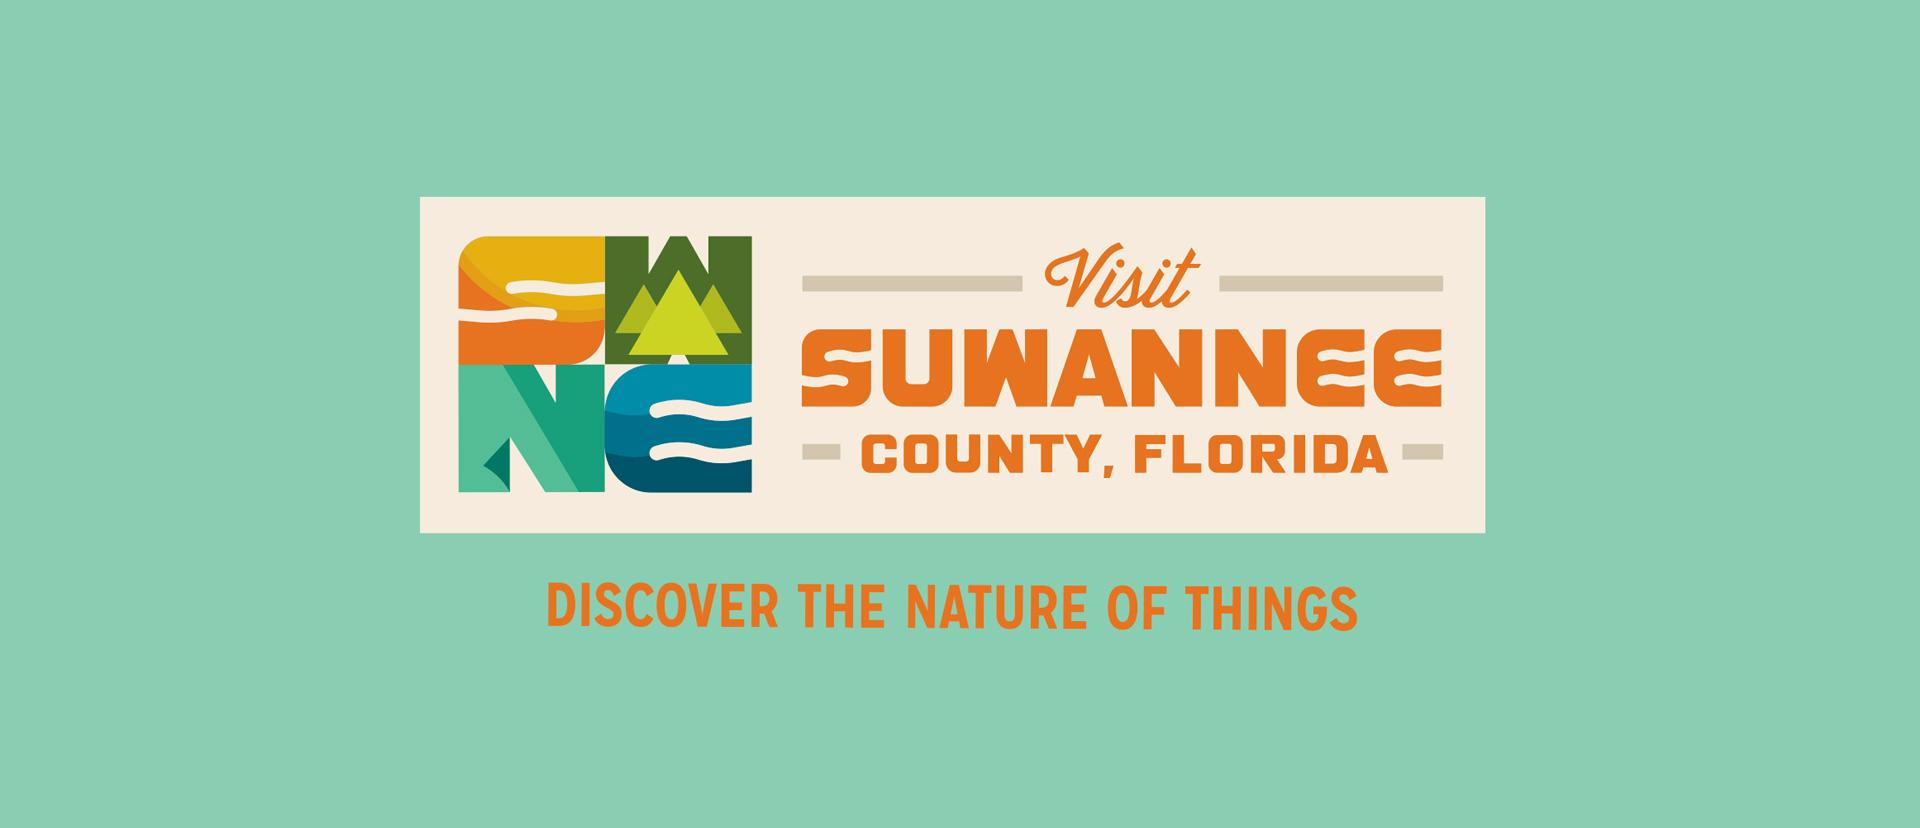 suwannee county florida logo design